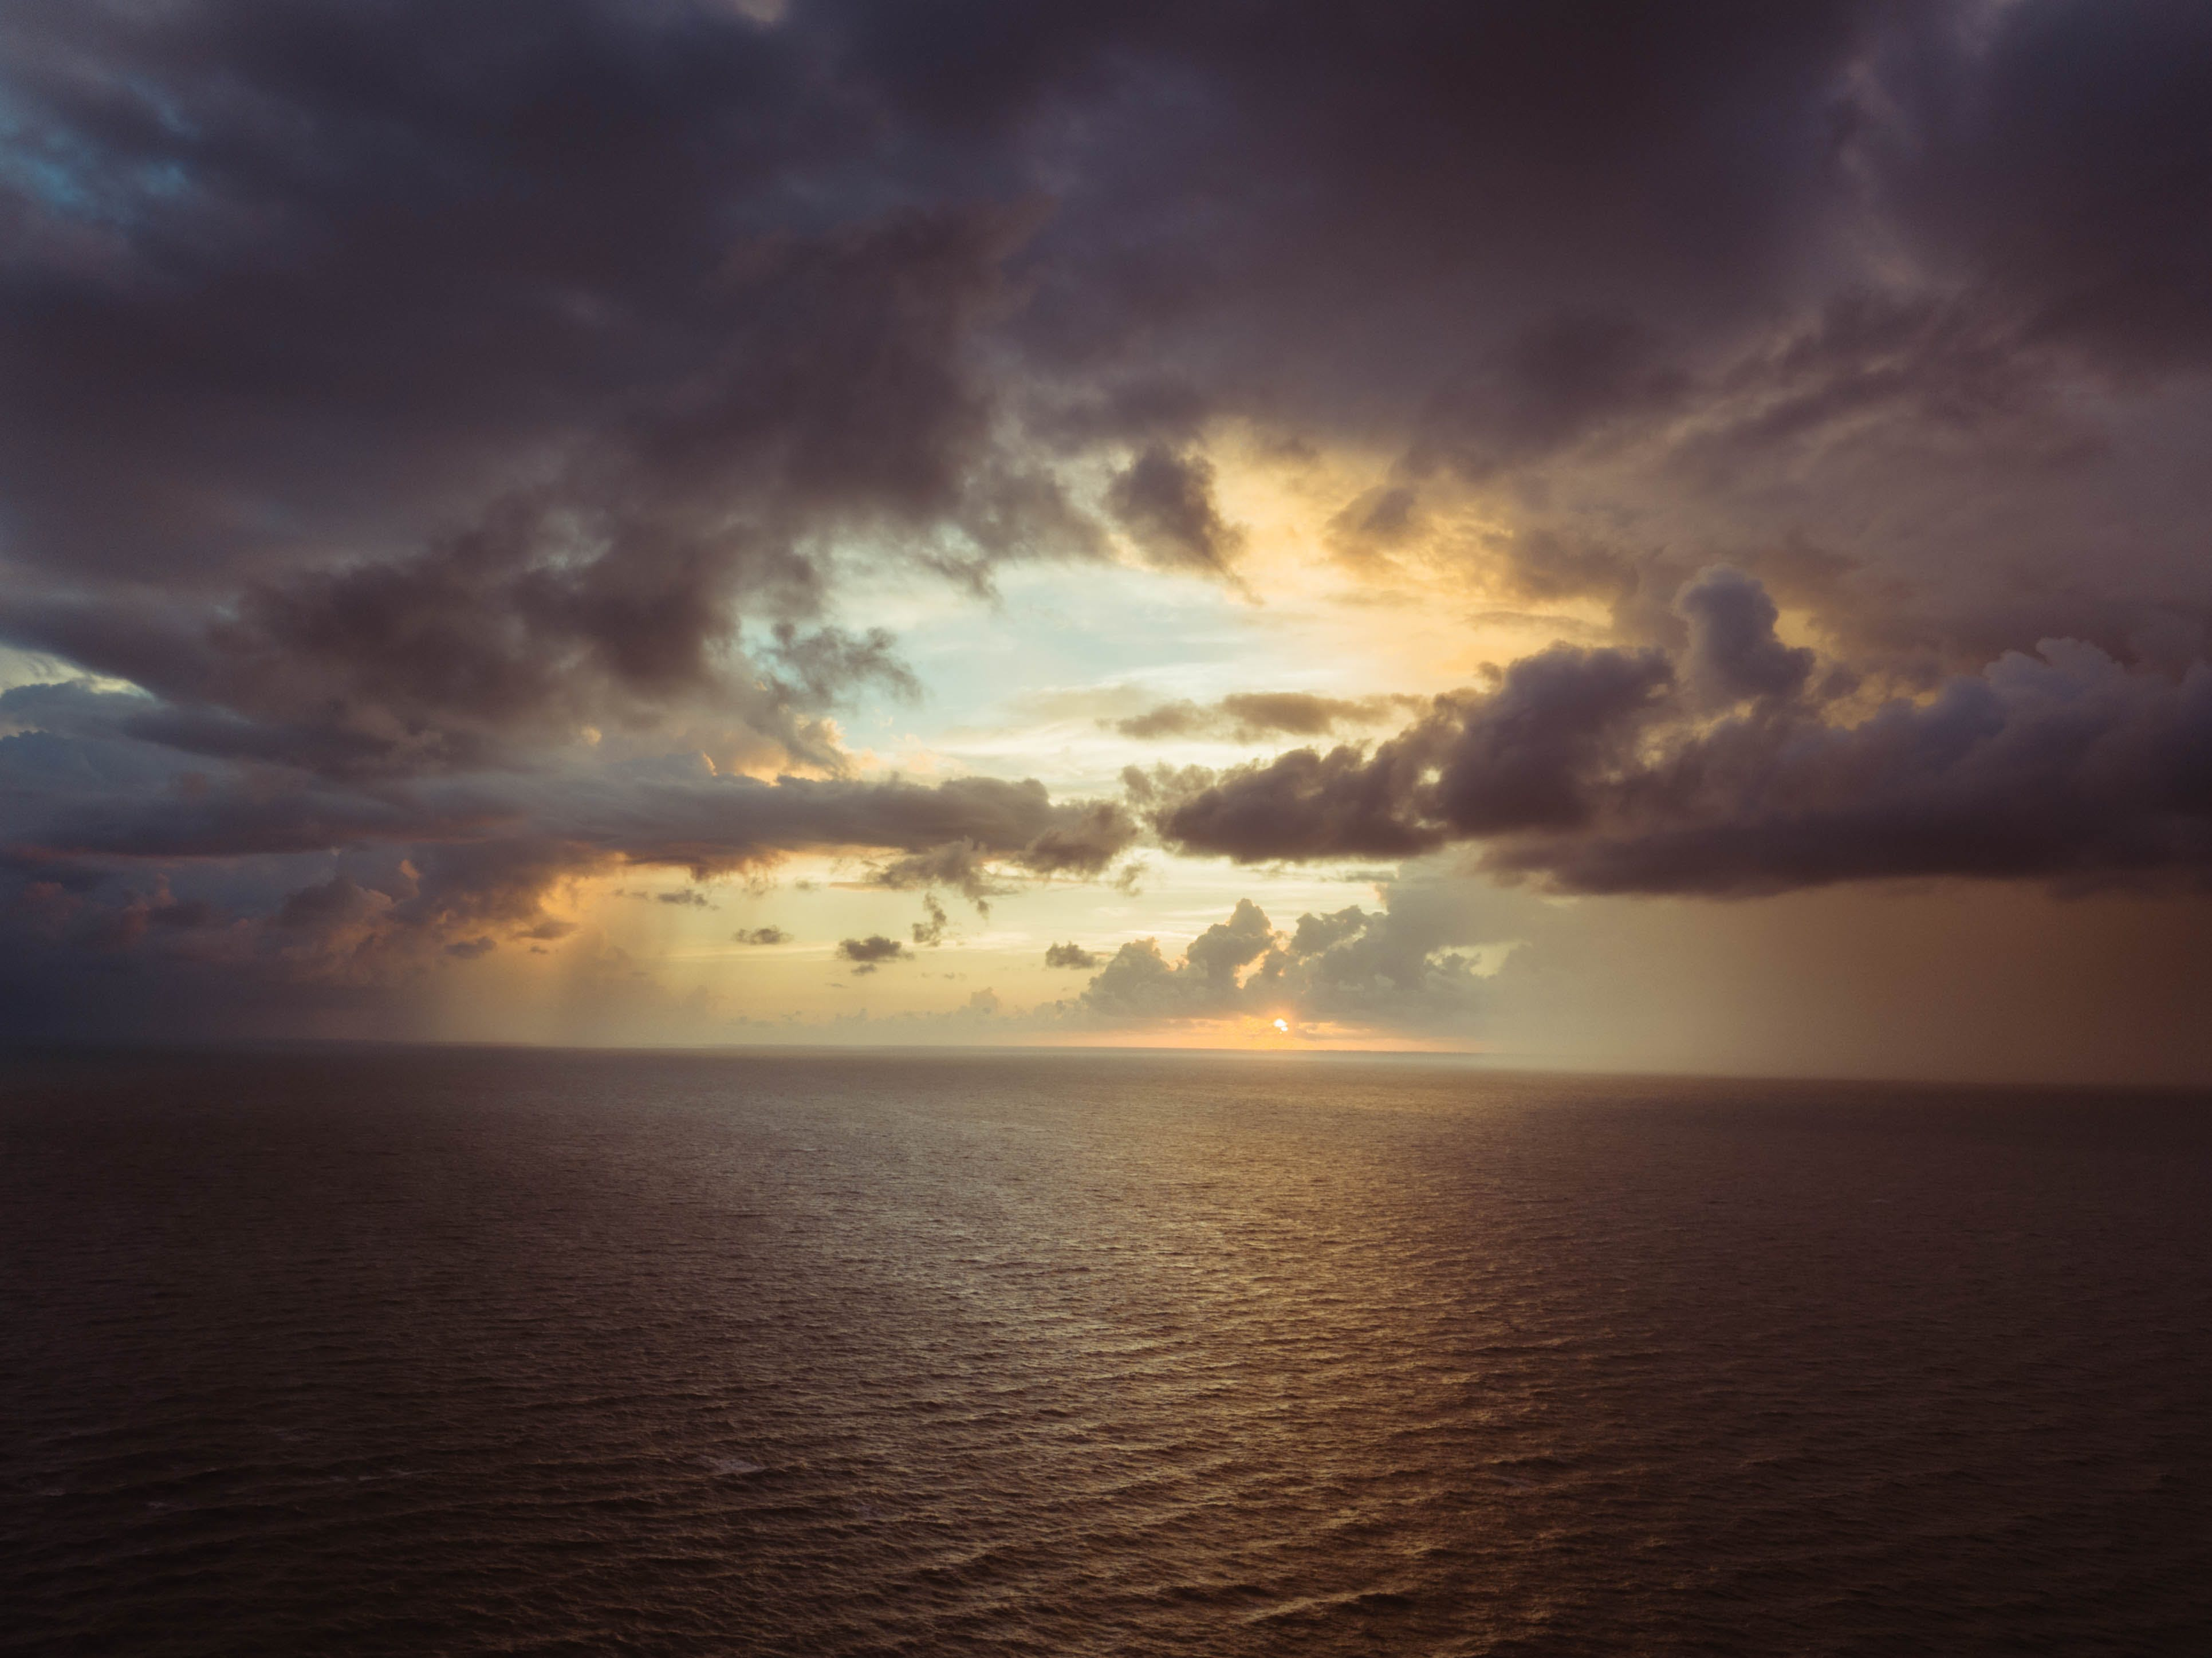 Cumulonimbus Cloud Above Sea